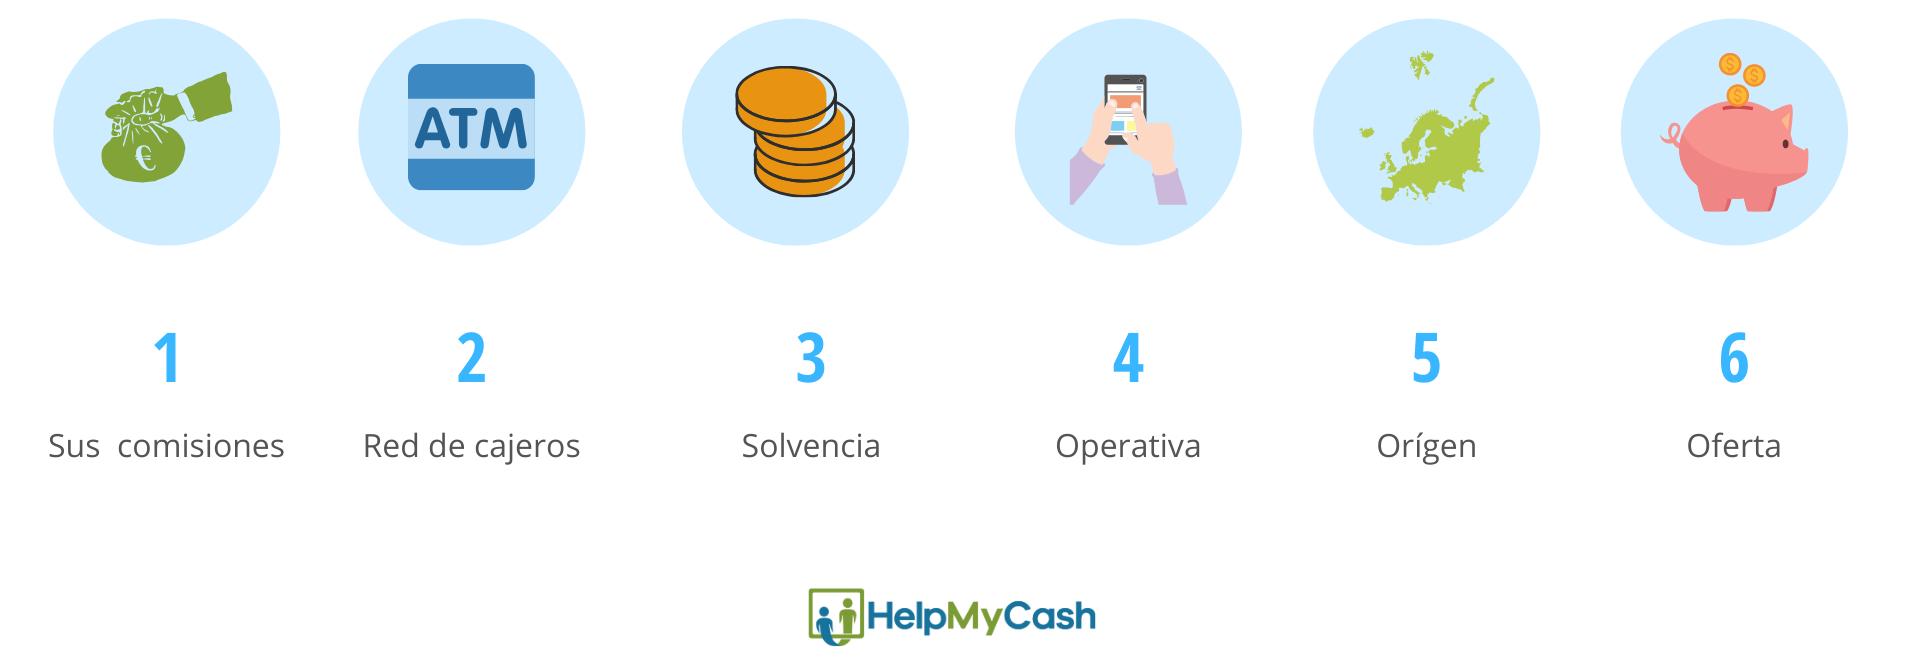 características de los mejores bancos de España: 1- sus comisiones. 2- red de cajeros. 3- solvencia. 4- Operativa. 5- orígen. 6- oferta